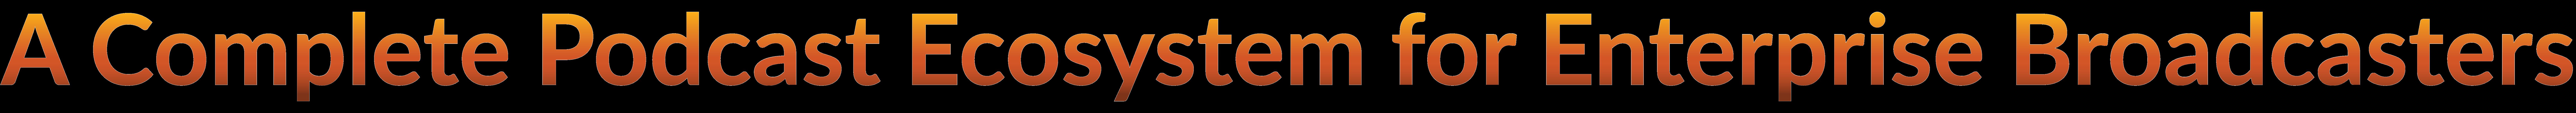 Podcast Ecosystem logo